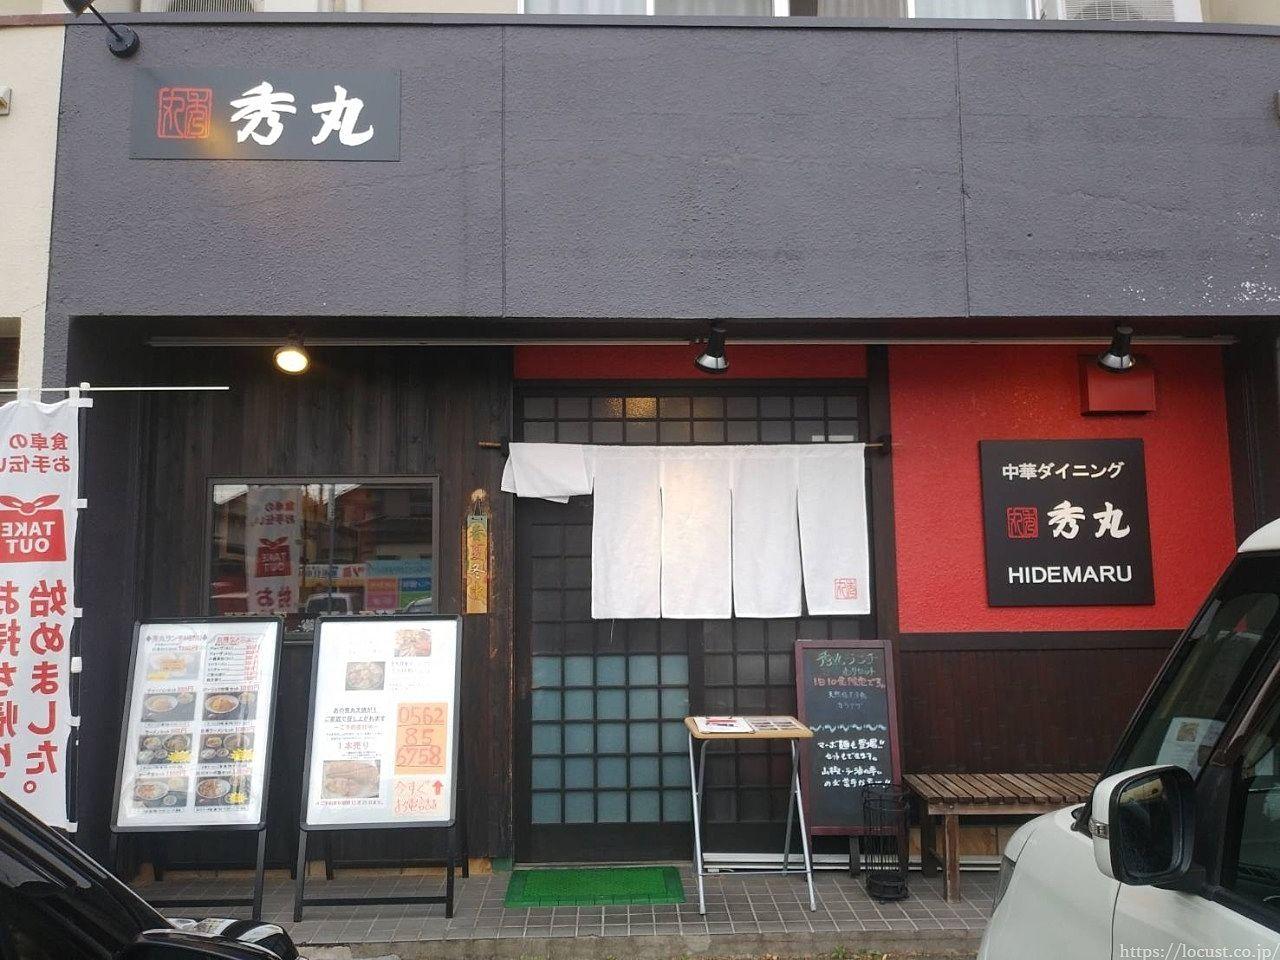 知多市にしの台 中華ダイニング 秀丸(ひでまる)を訪問してみた。